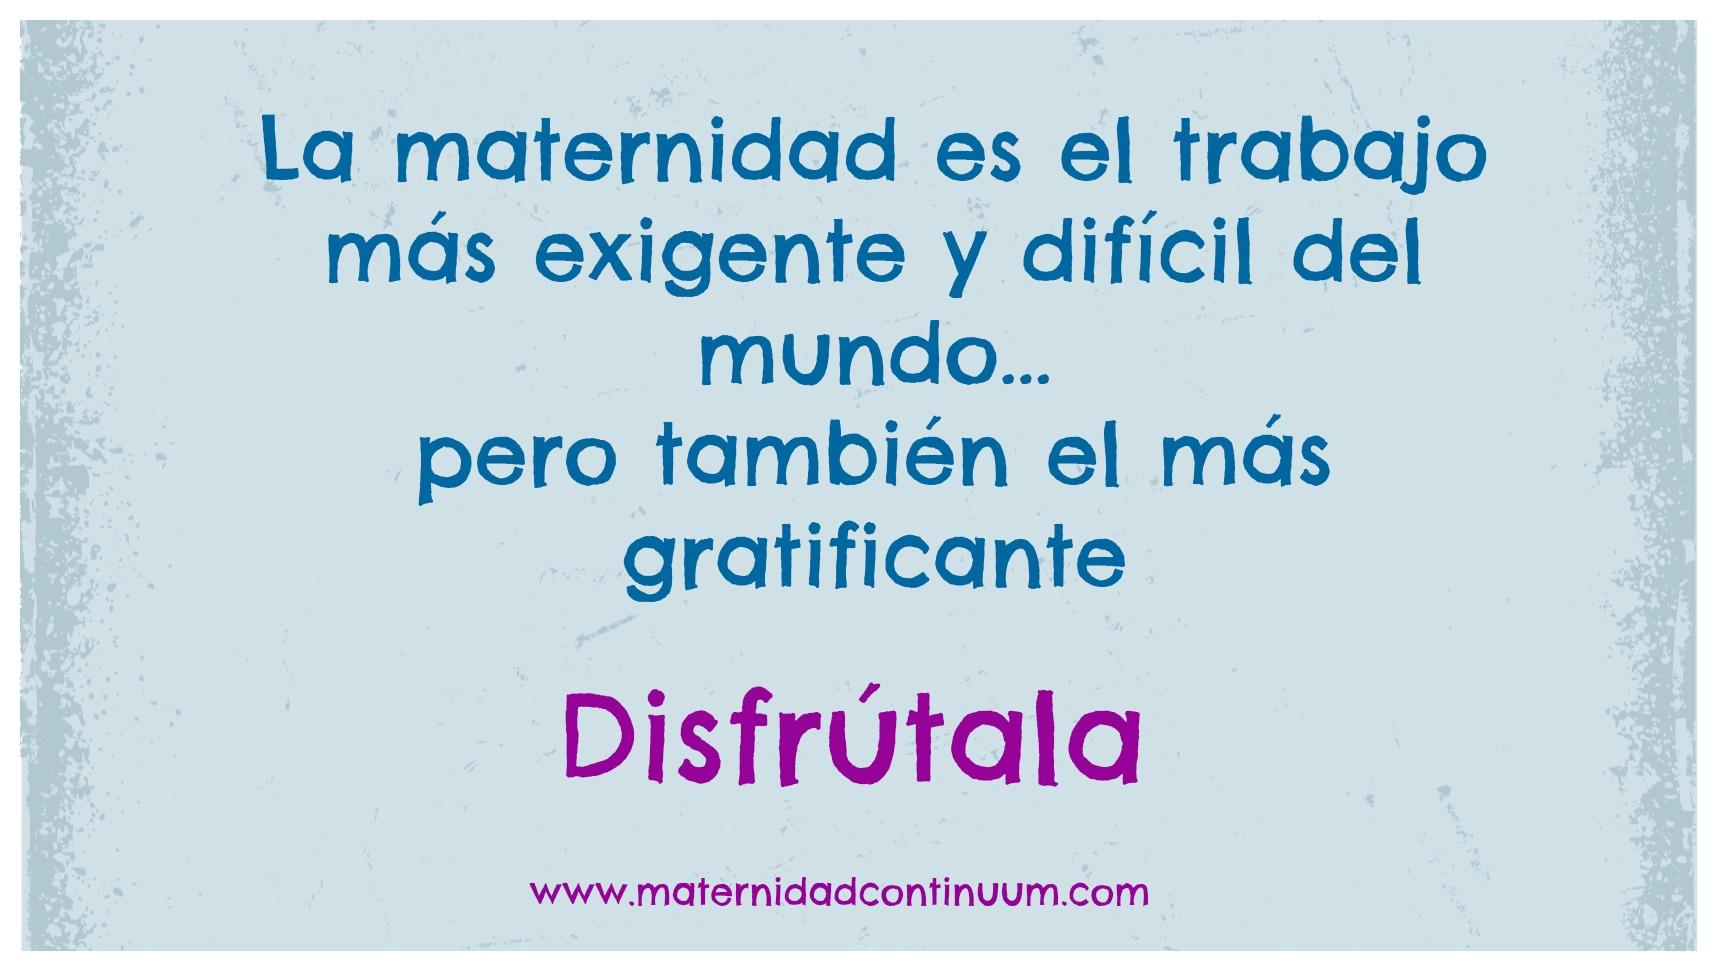 37282e7d1 Feliz Lunes  disfruta de tu maternidad – Maternidad Continuum